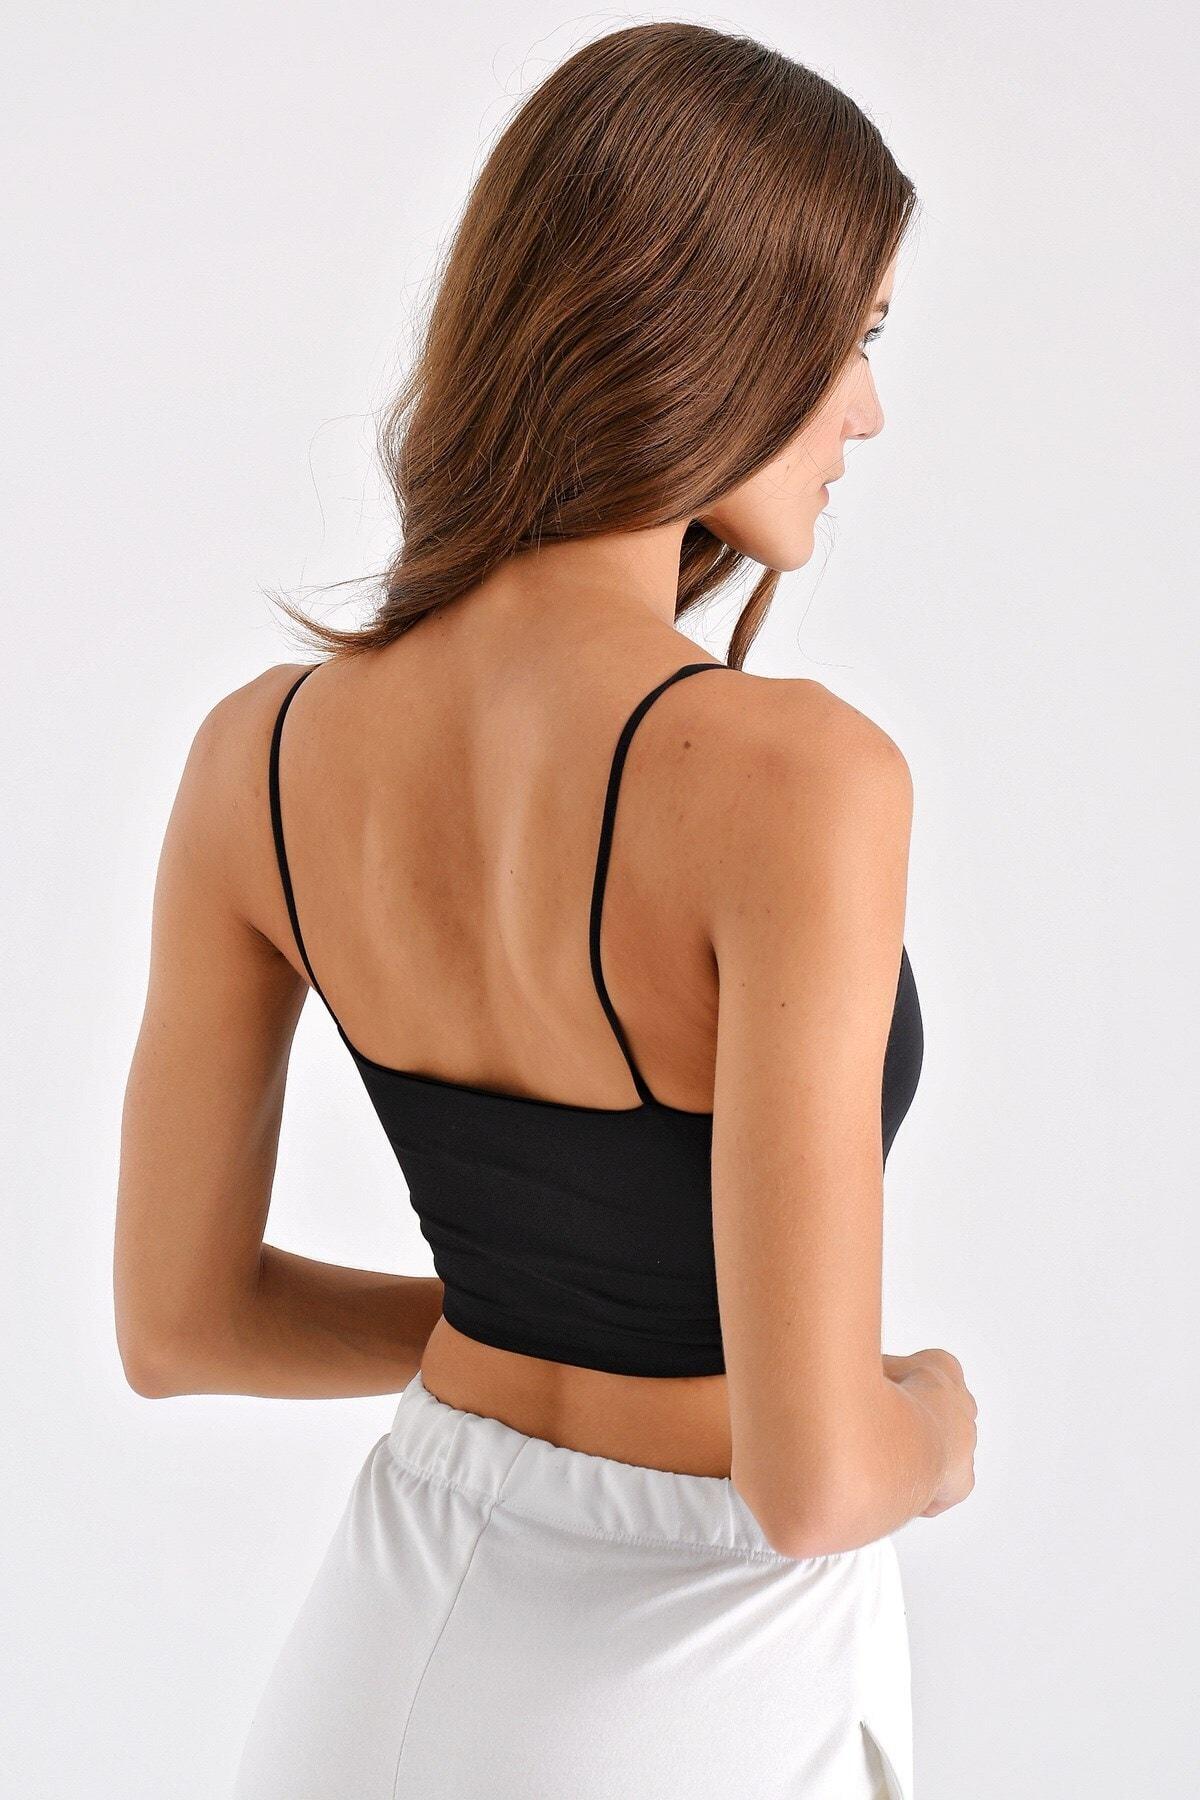 Jument Kadın Ip Askılı Kısa Bluz - Siyah